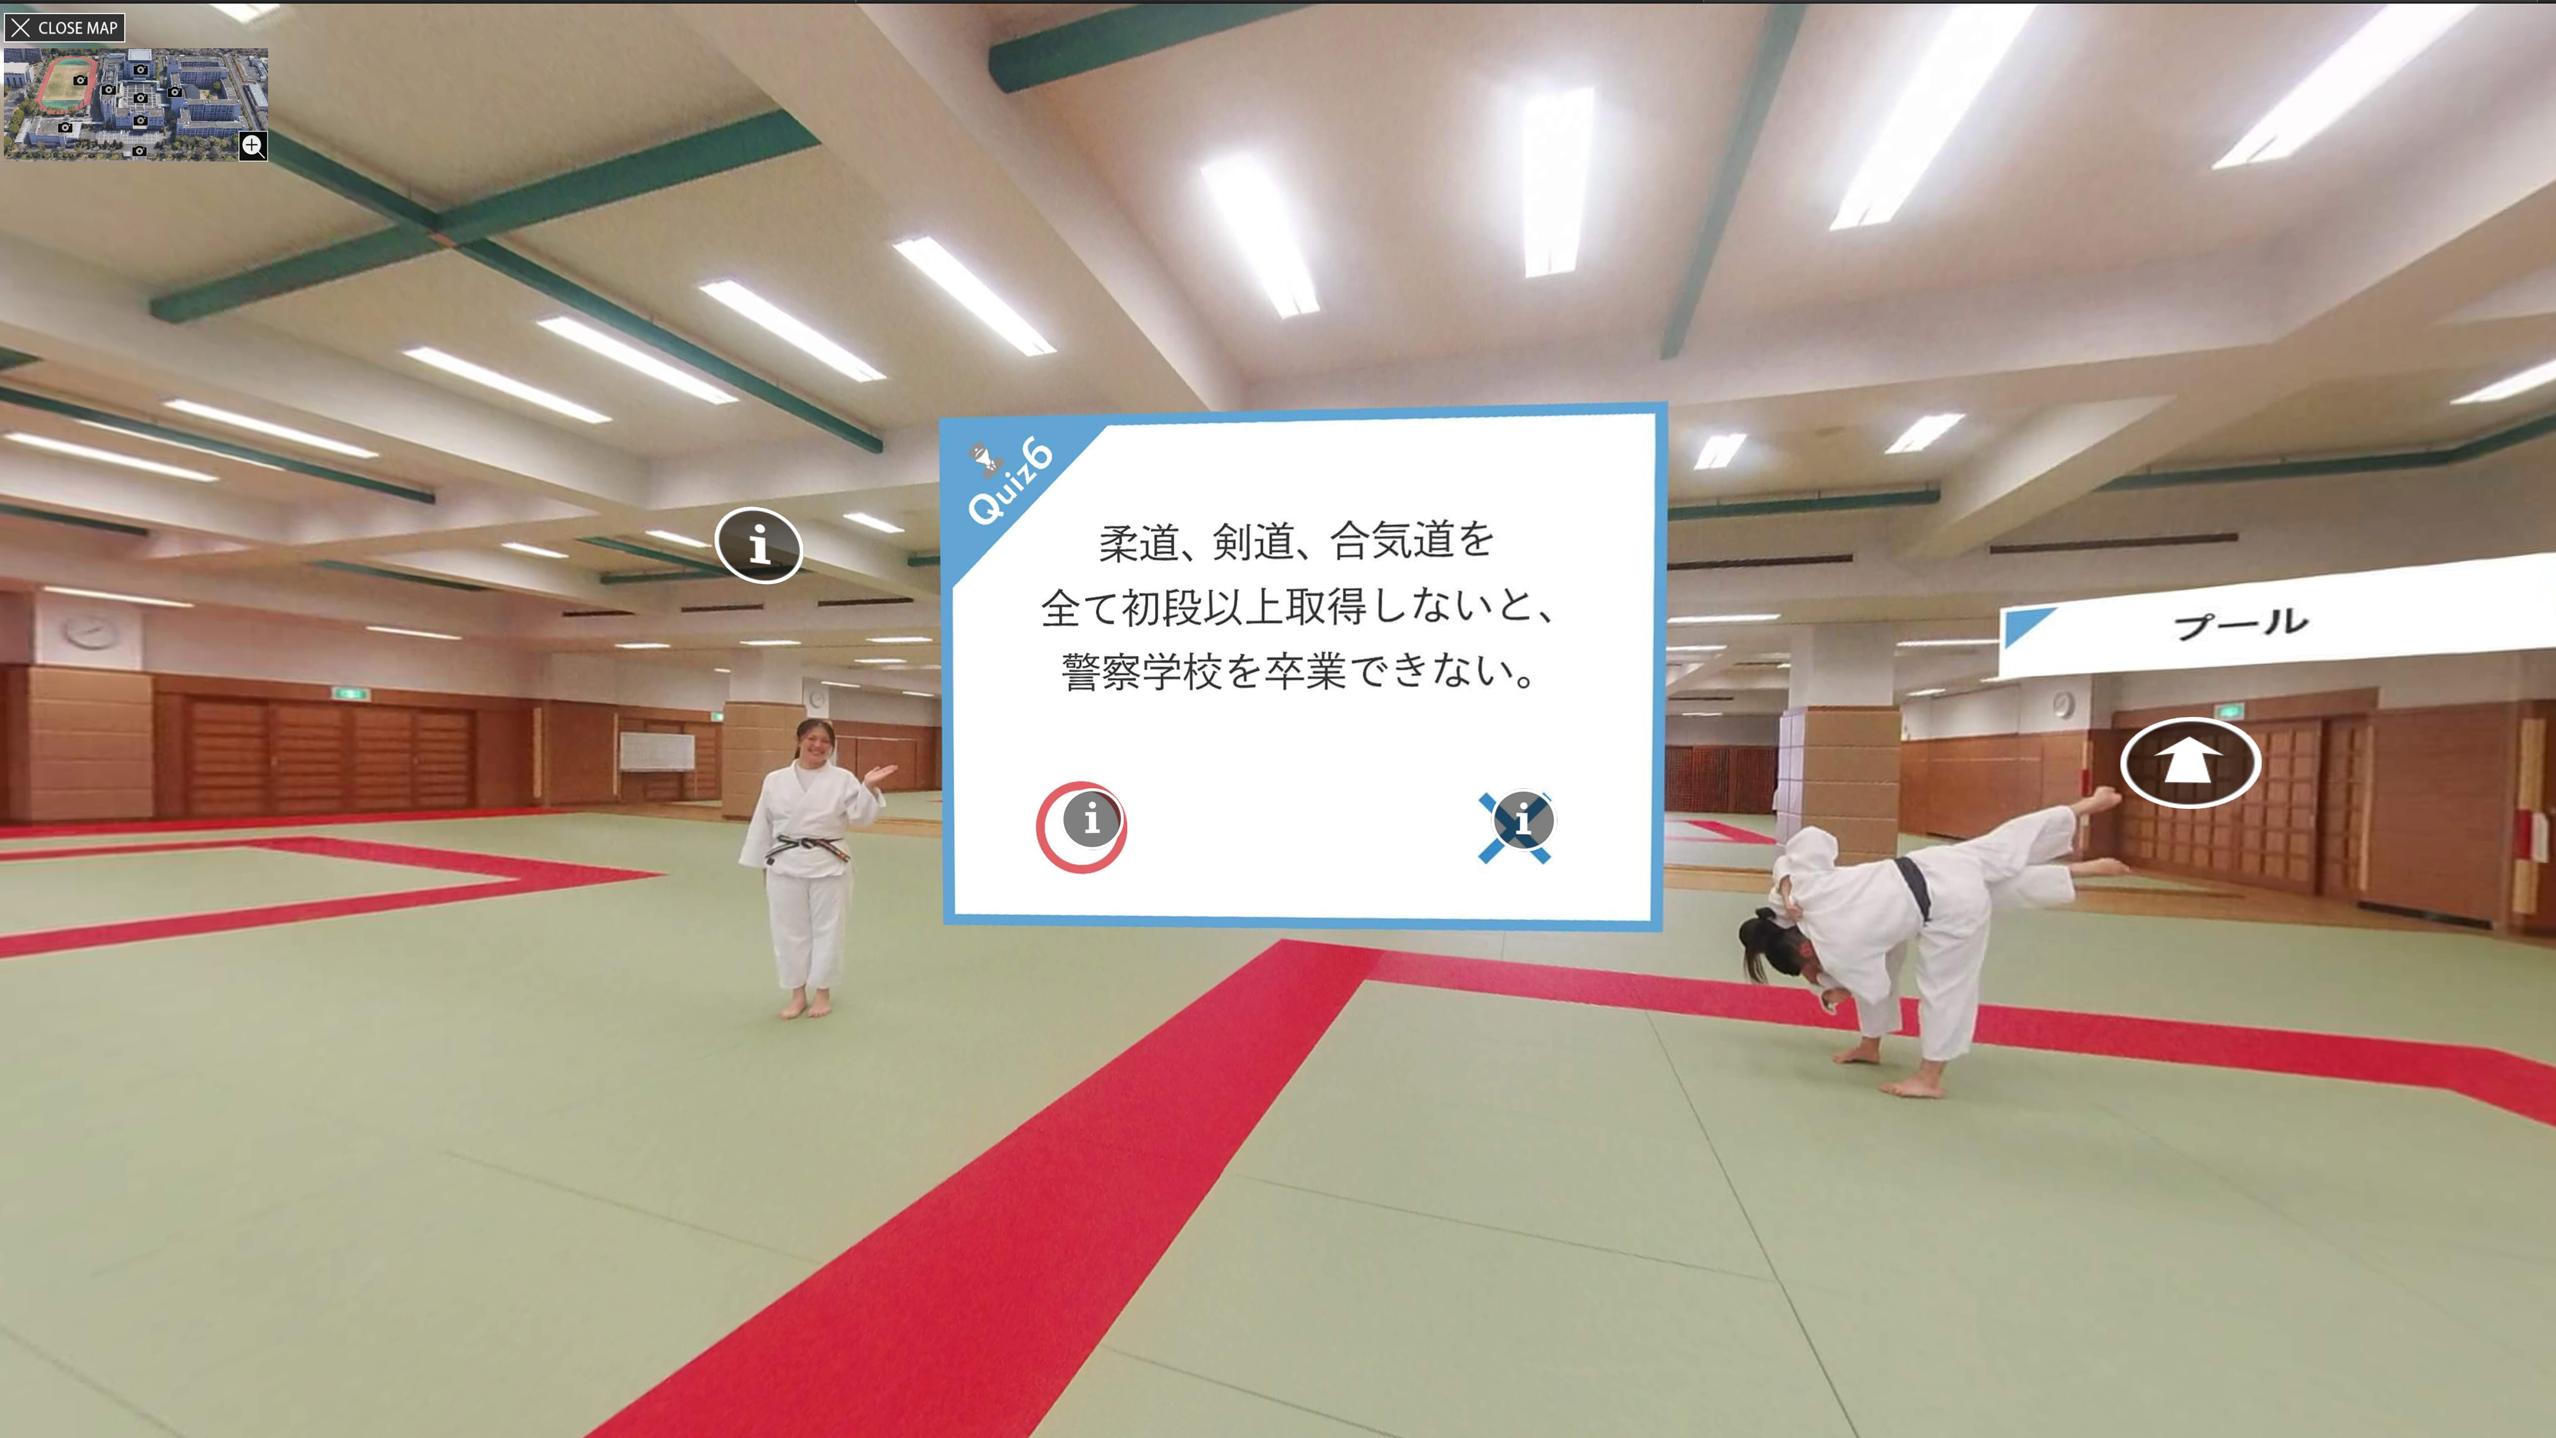 警察学校 施設紹介VRコンテンツ